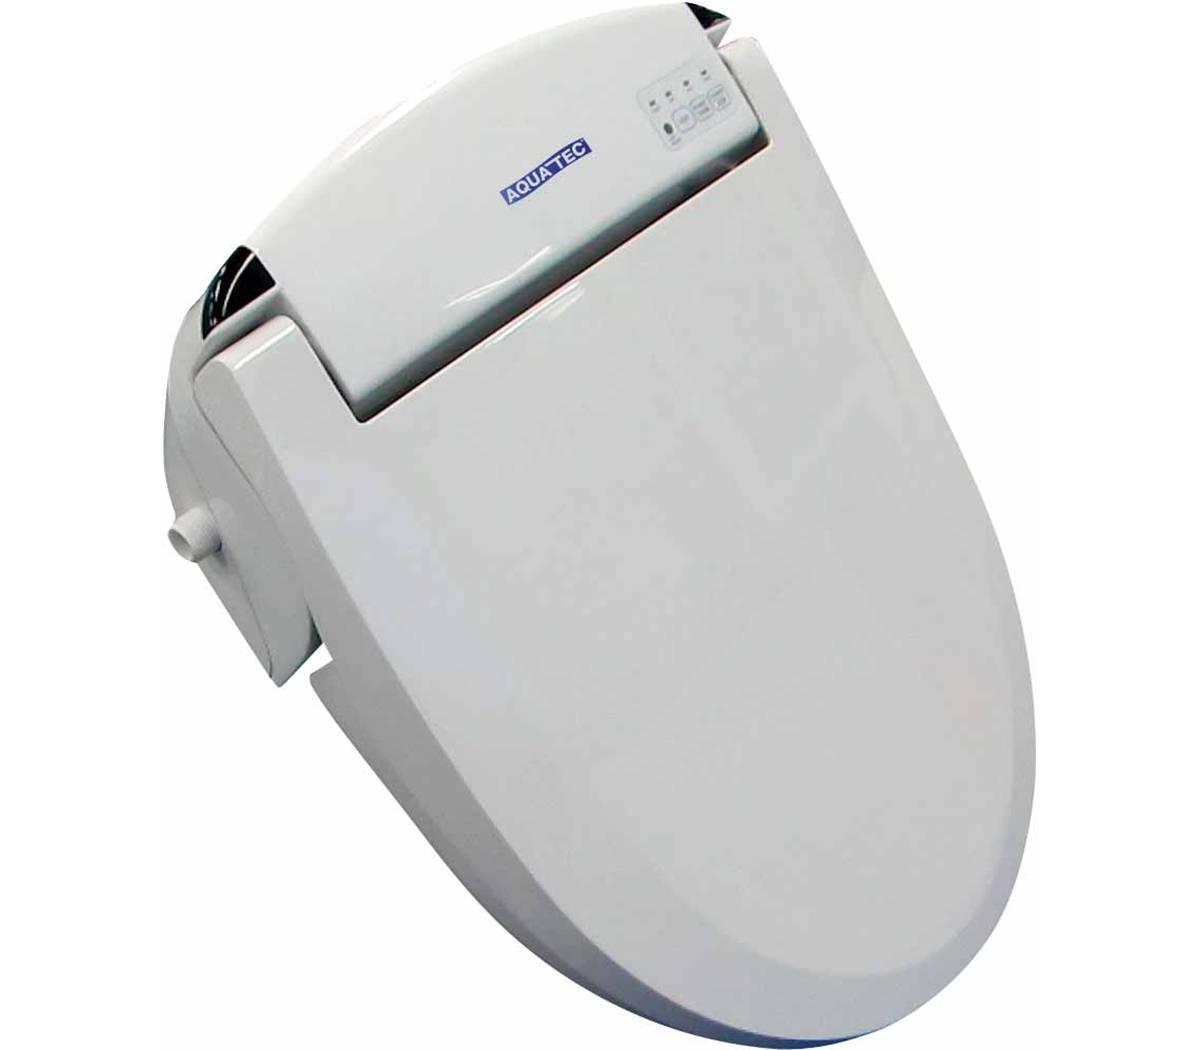 Full Size of Dusch Wc Aufsatz Toilettensitzerhhungen Hygiene Wieder Alles Wie Schulte Duschen Werksverkauf Behindertengerechte Dusche Glastrennwand Begehbare Fliesen Dusche Dusch Wc Aufsatz